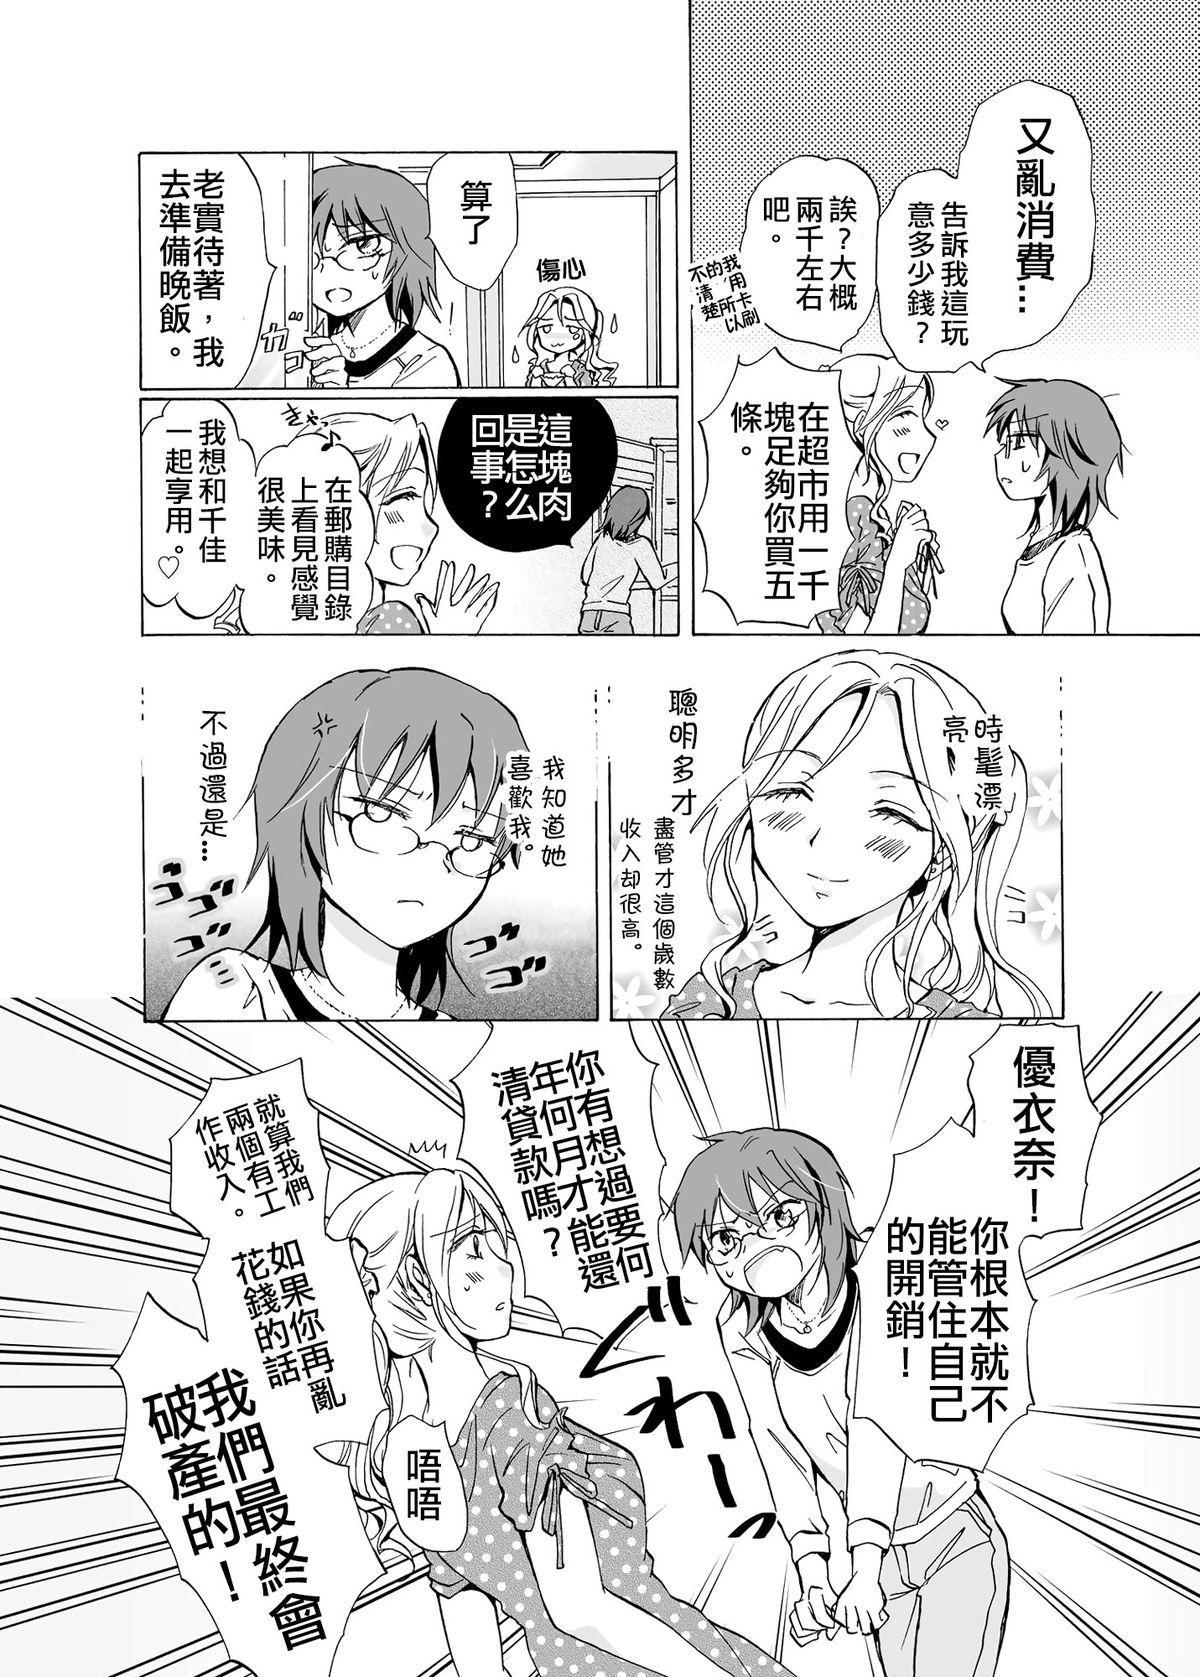 Aisaresugite Komaru no | 為愛所困 7